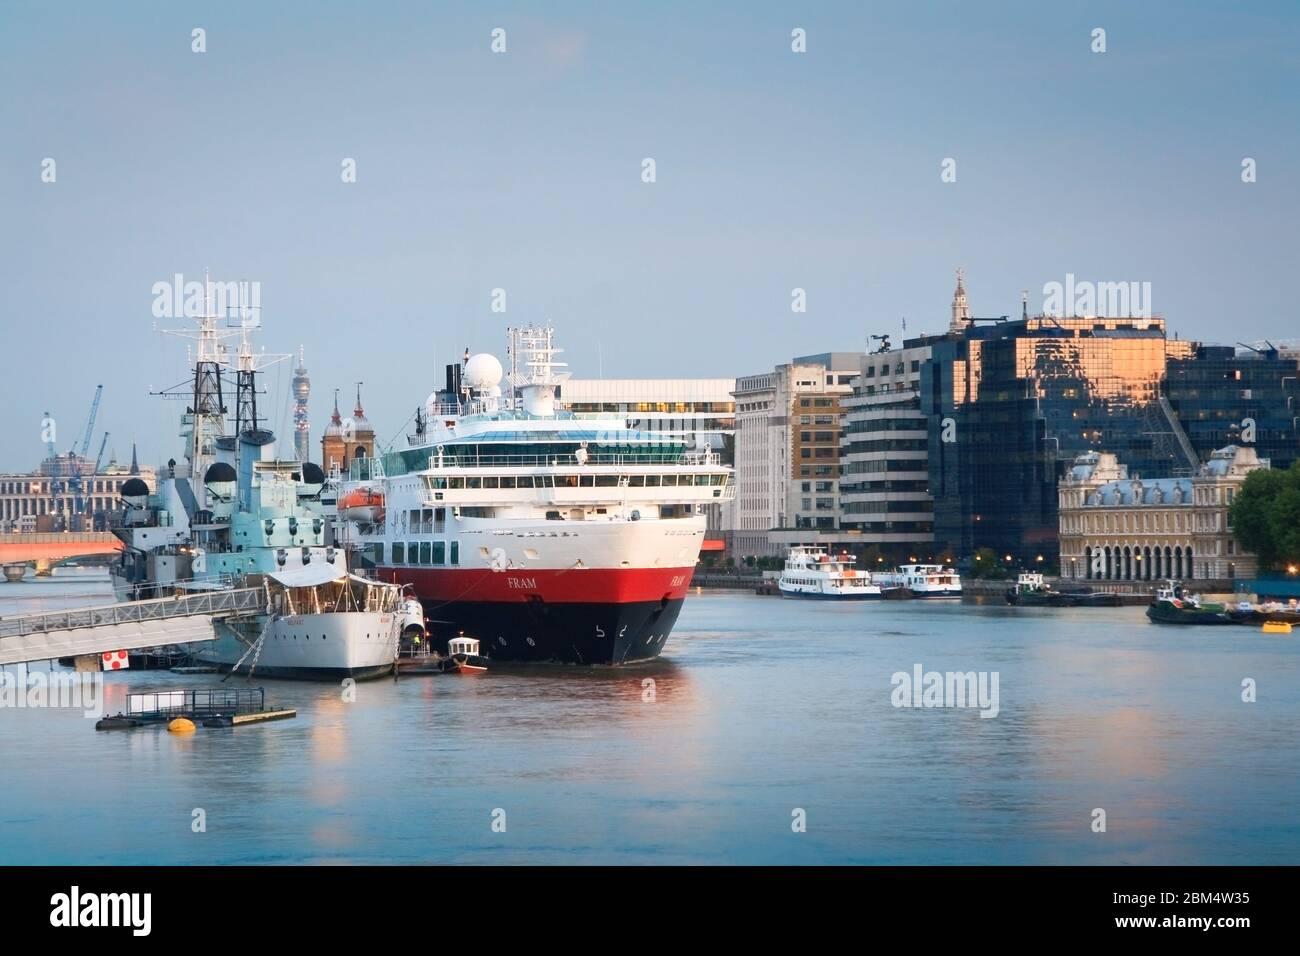 HMS Belfast et un bateau de croisière sur la Tamise à Londres. Banque D'Images